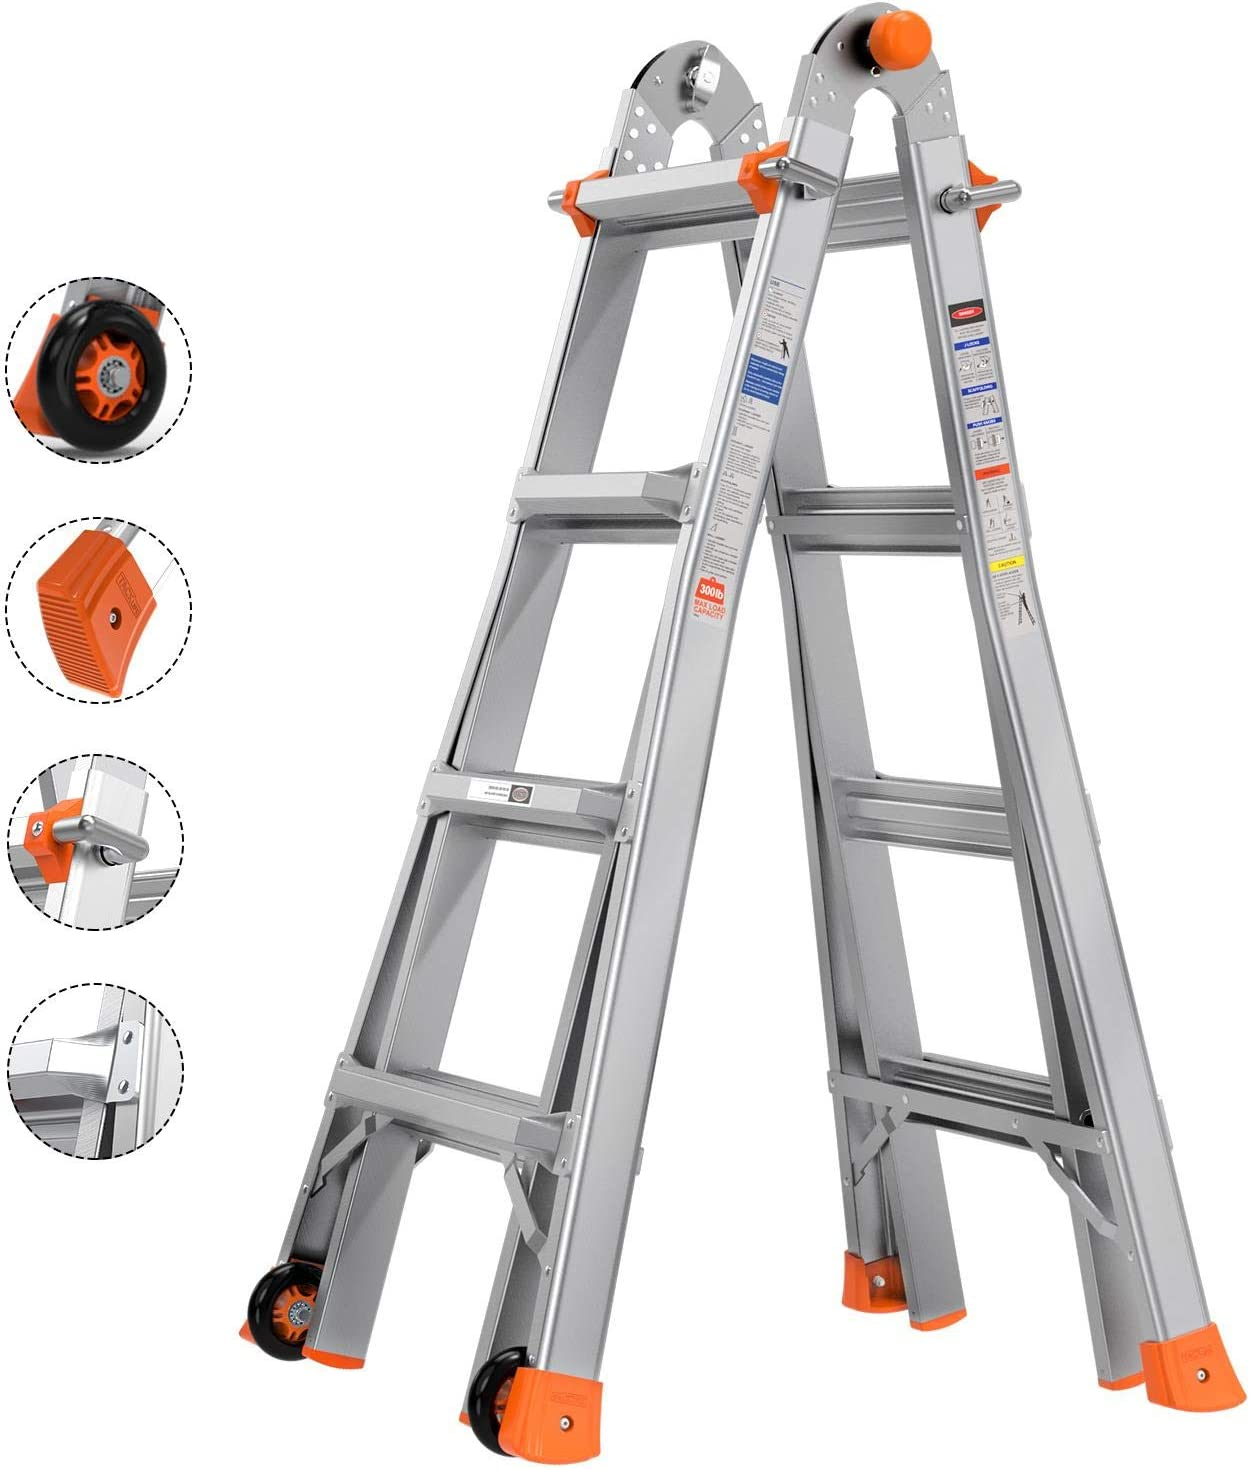 Tacklife 17ft Multi-Position Ladder